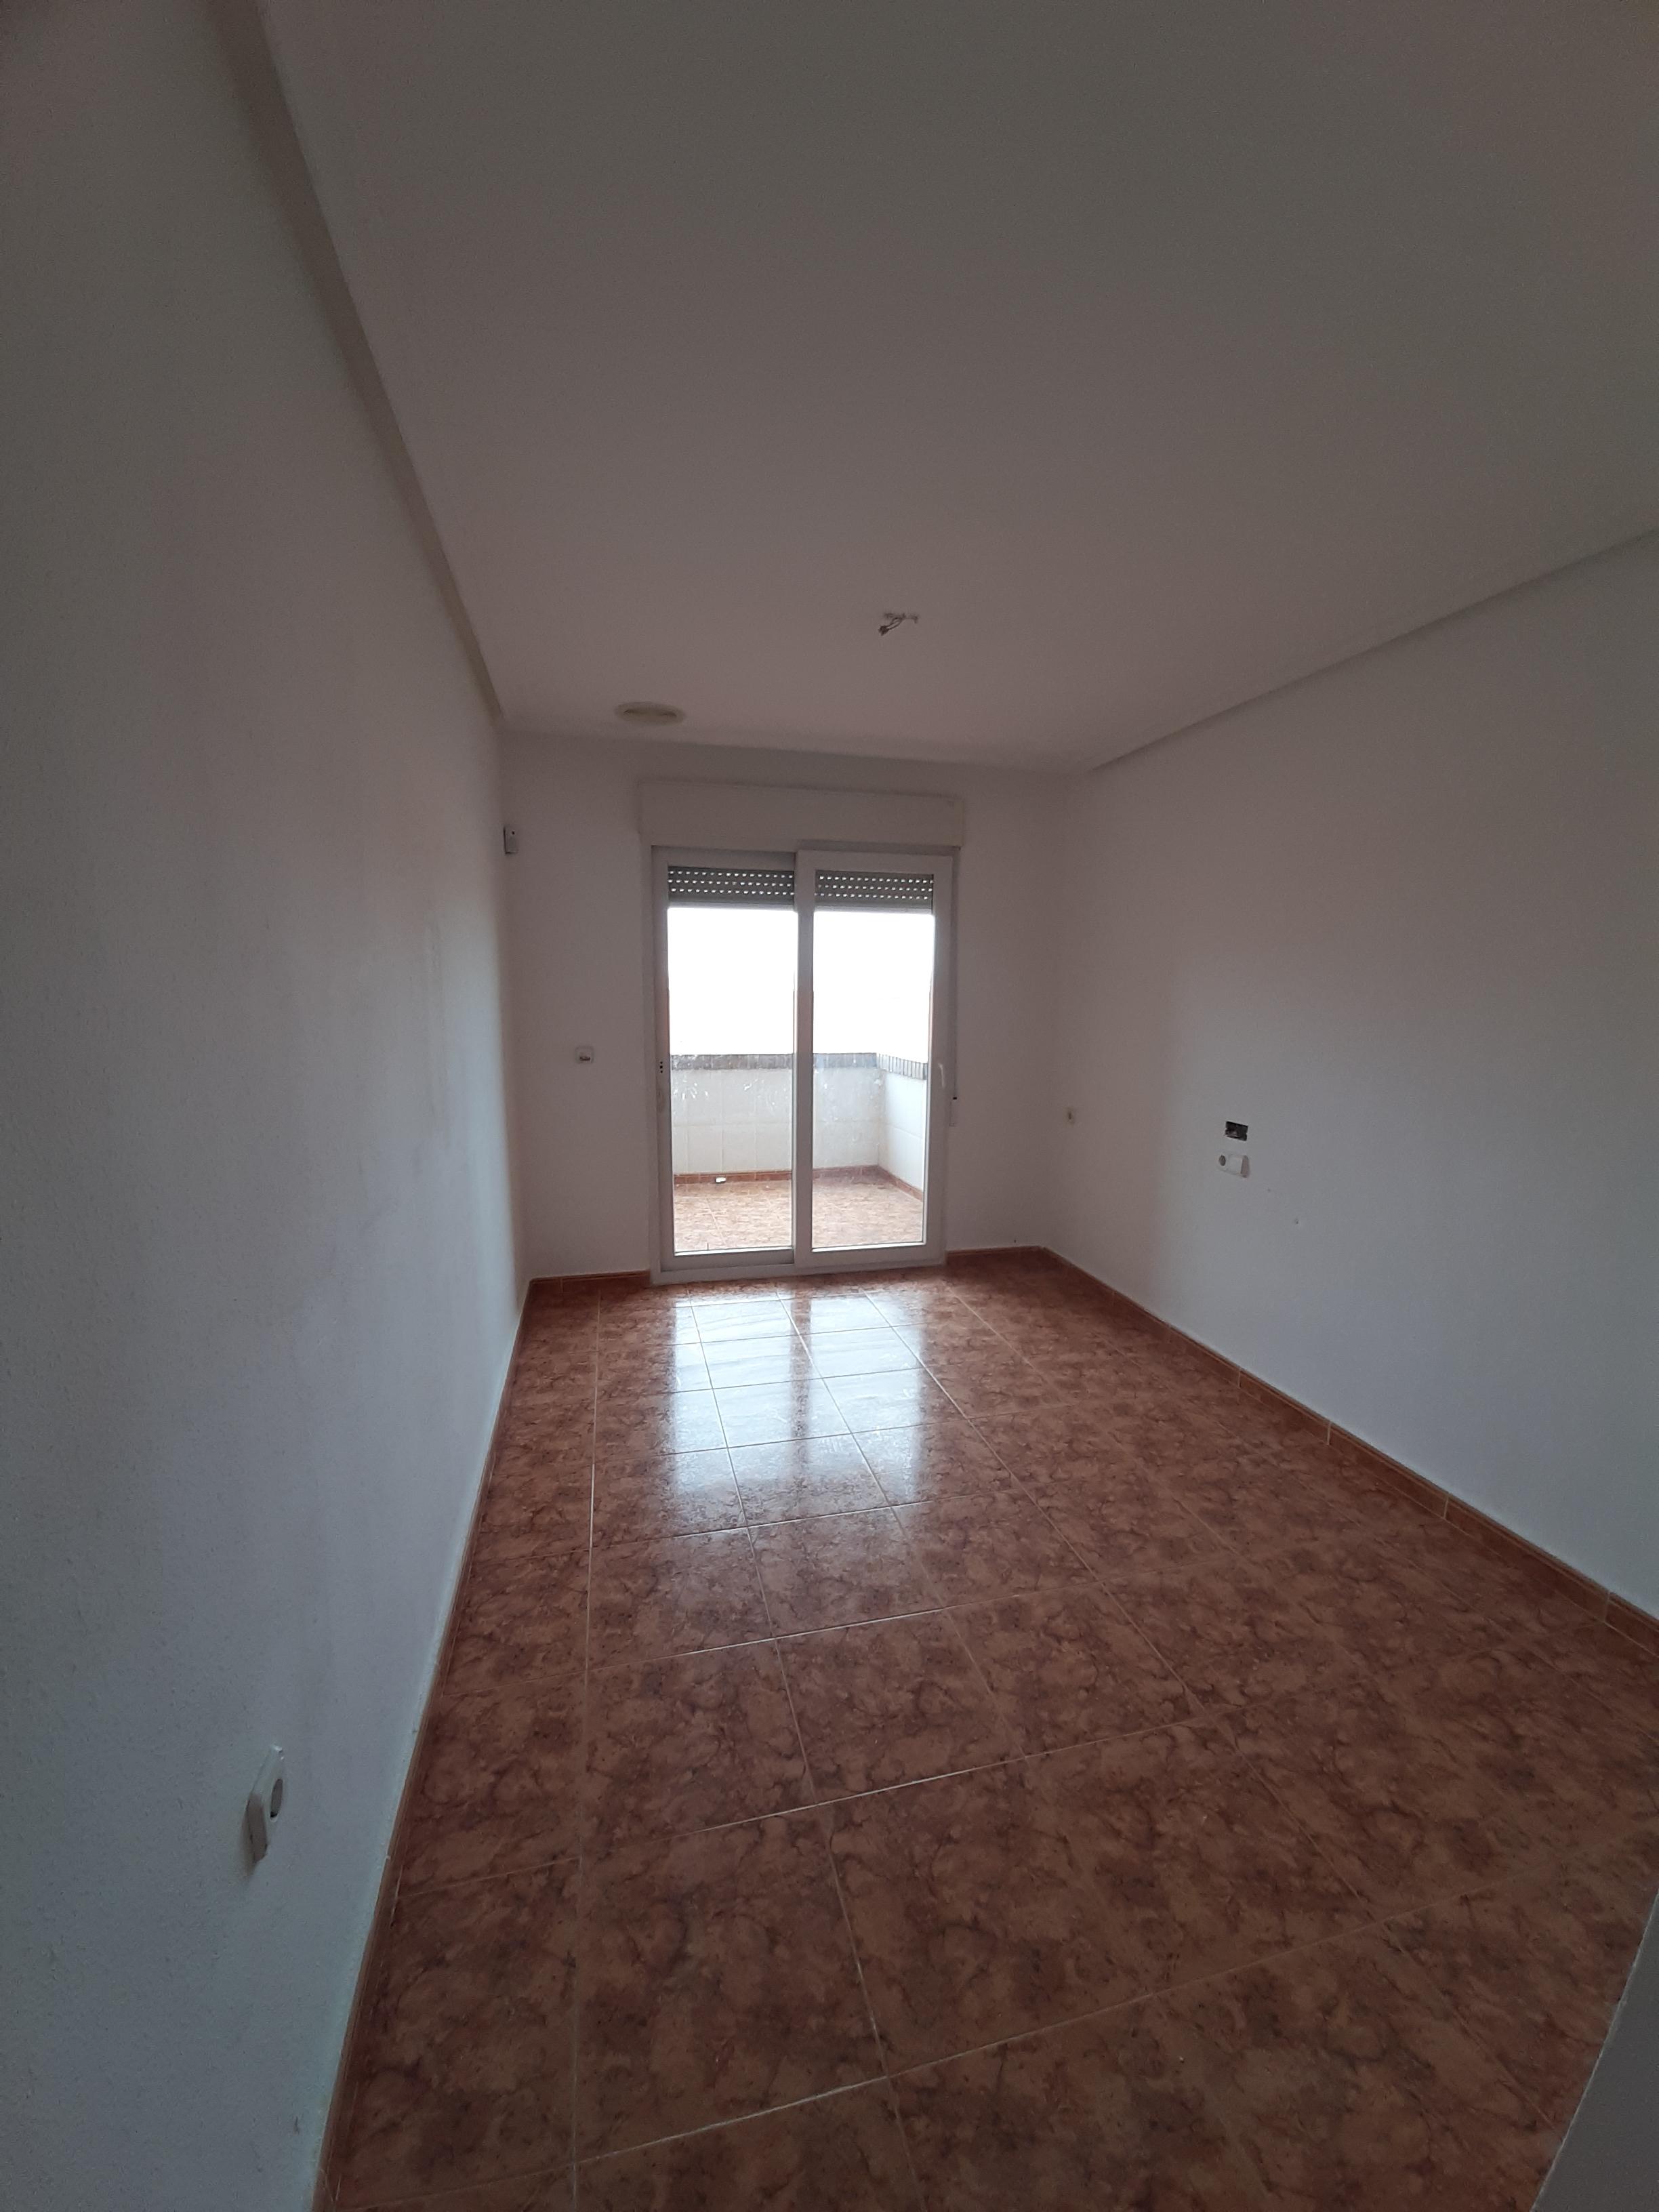 Piso en venta en Piso en Albatera, Alicante, 78.000 €, 3 habitaciones, 2 baños, 115 m2